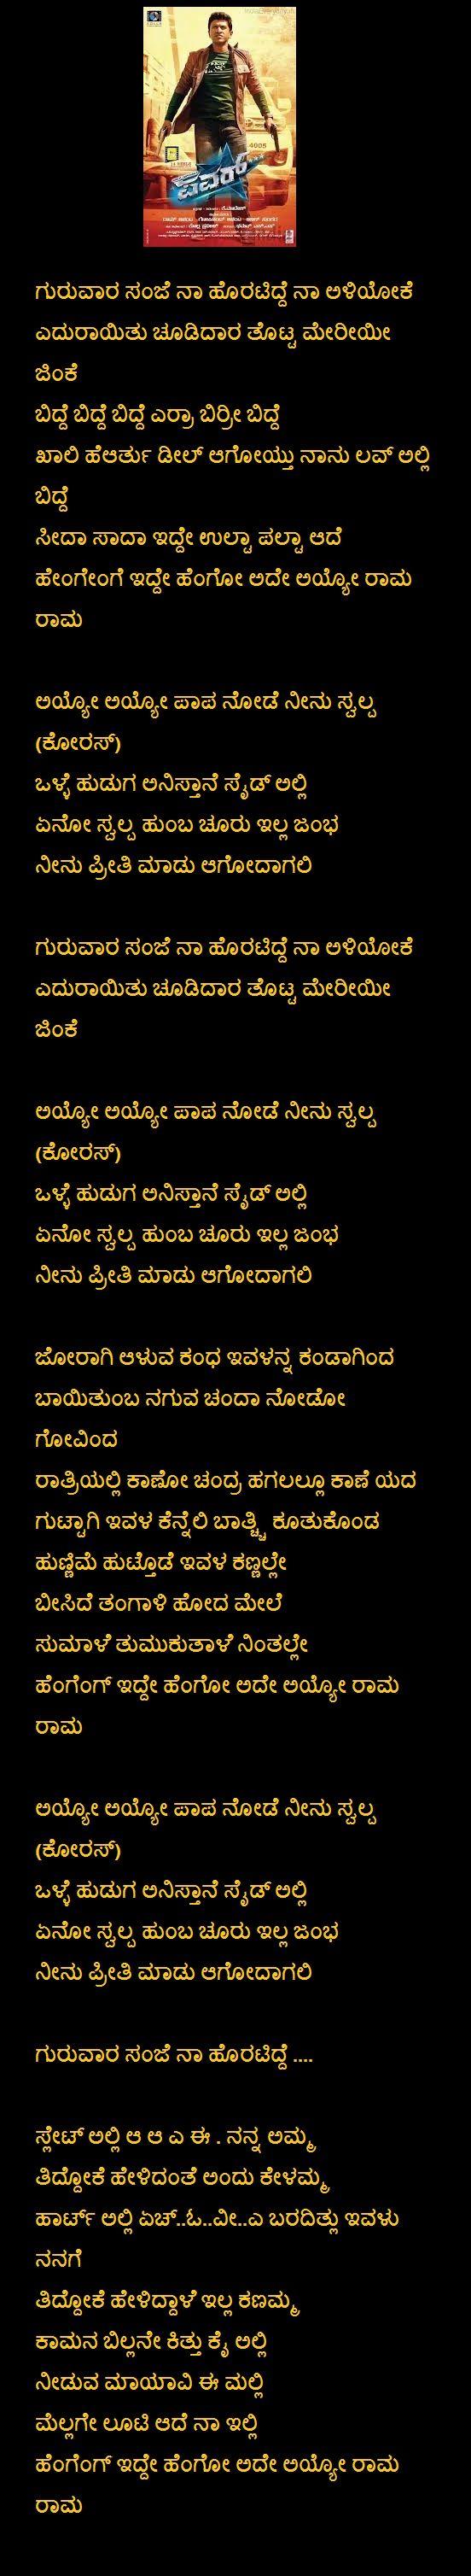 Movie :  ಪವರ್   (ಕನ್ನಡ ) ---> ಗುರುವಾರ ಸಂಜೆ ನಾ ಹೊರಟಿದ್ದೆ ನಾ ಅಳಿಯೋಕೆ ಎದುರಾಯಿತು ಚೂಡಿದಾರ ತೊಟ್ಟ ಮೇರೀಯೀ ಜಿಂಕೆ